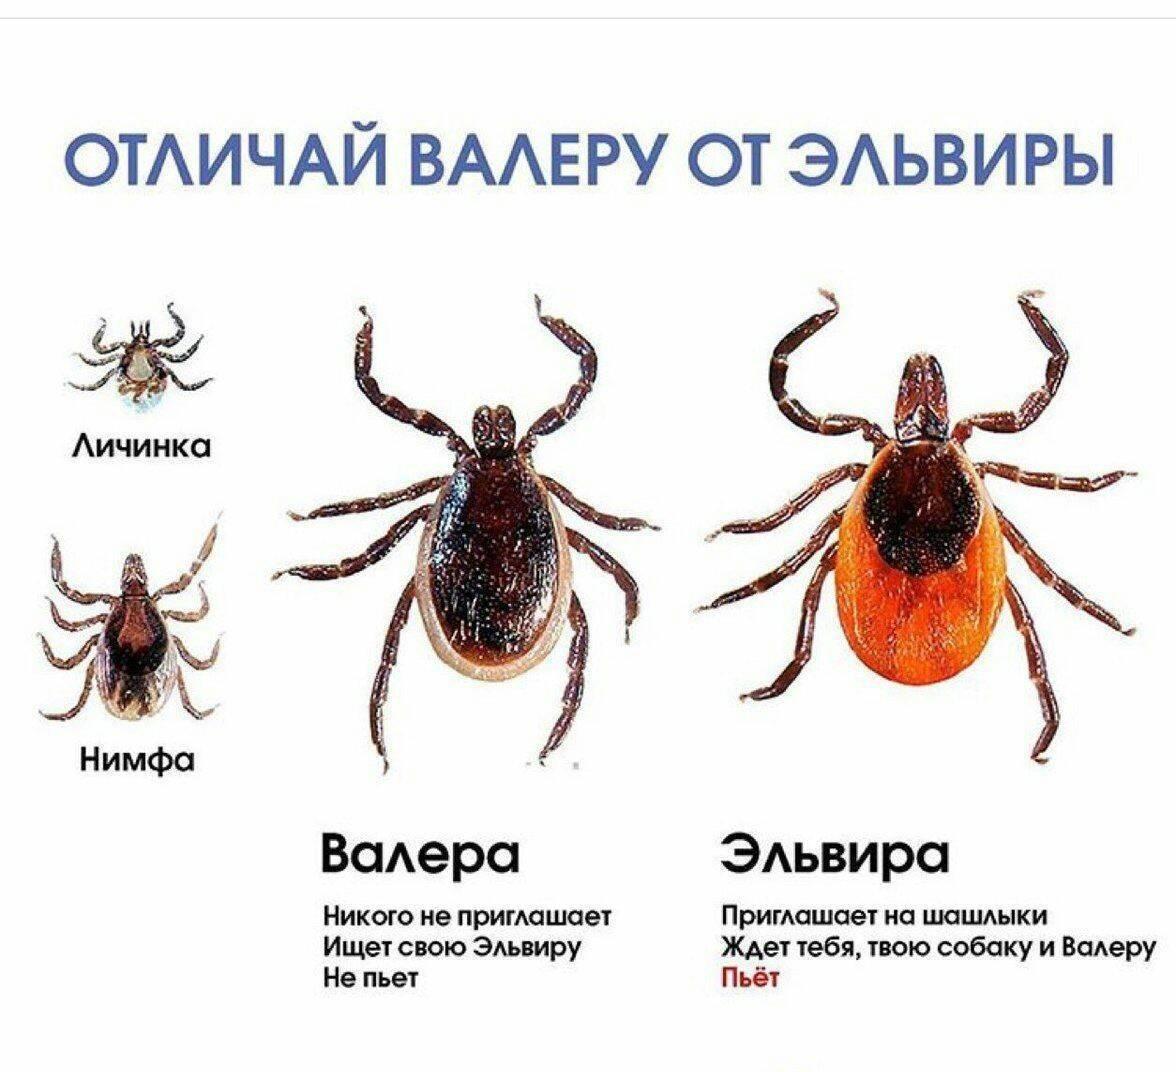 Откуда появились энцефалитные клещи в россии